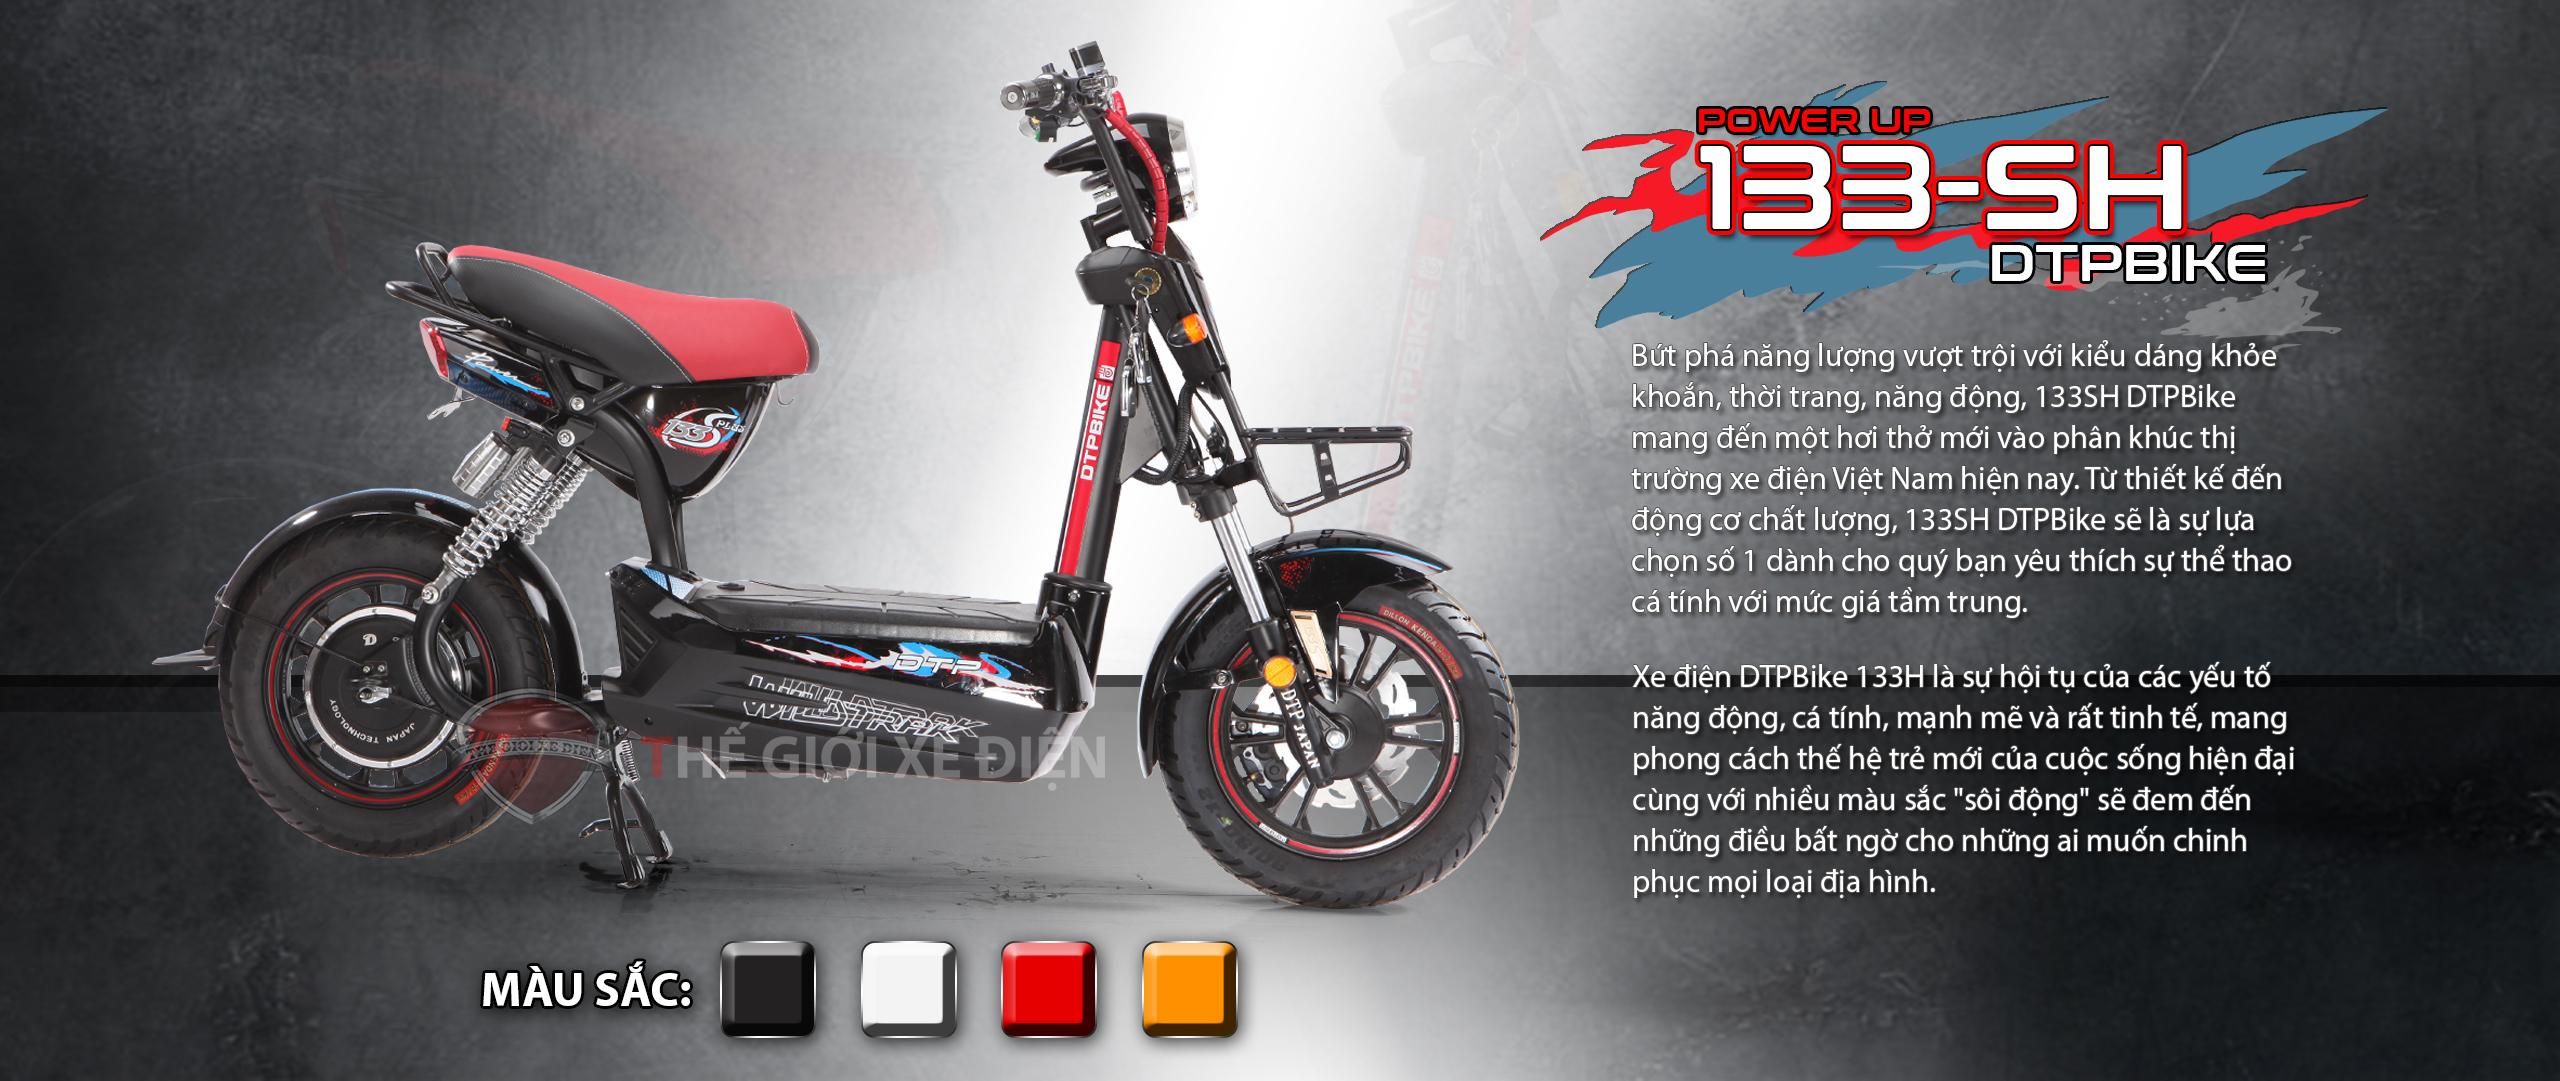 Xe điện DTPBike 133SH phiên bản cải tiến mới nhất dành cho giới trẻ